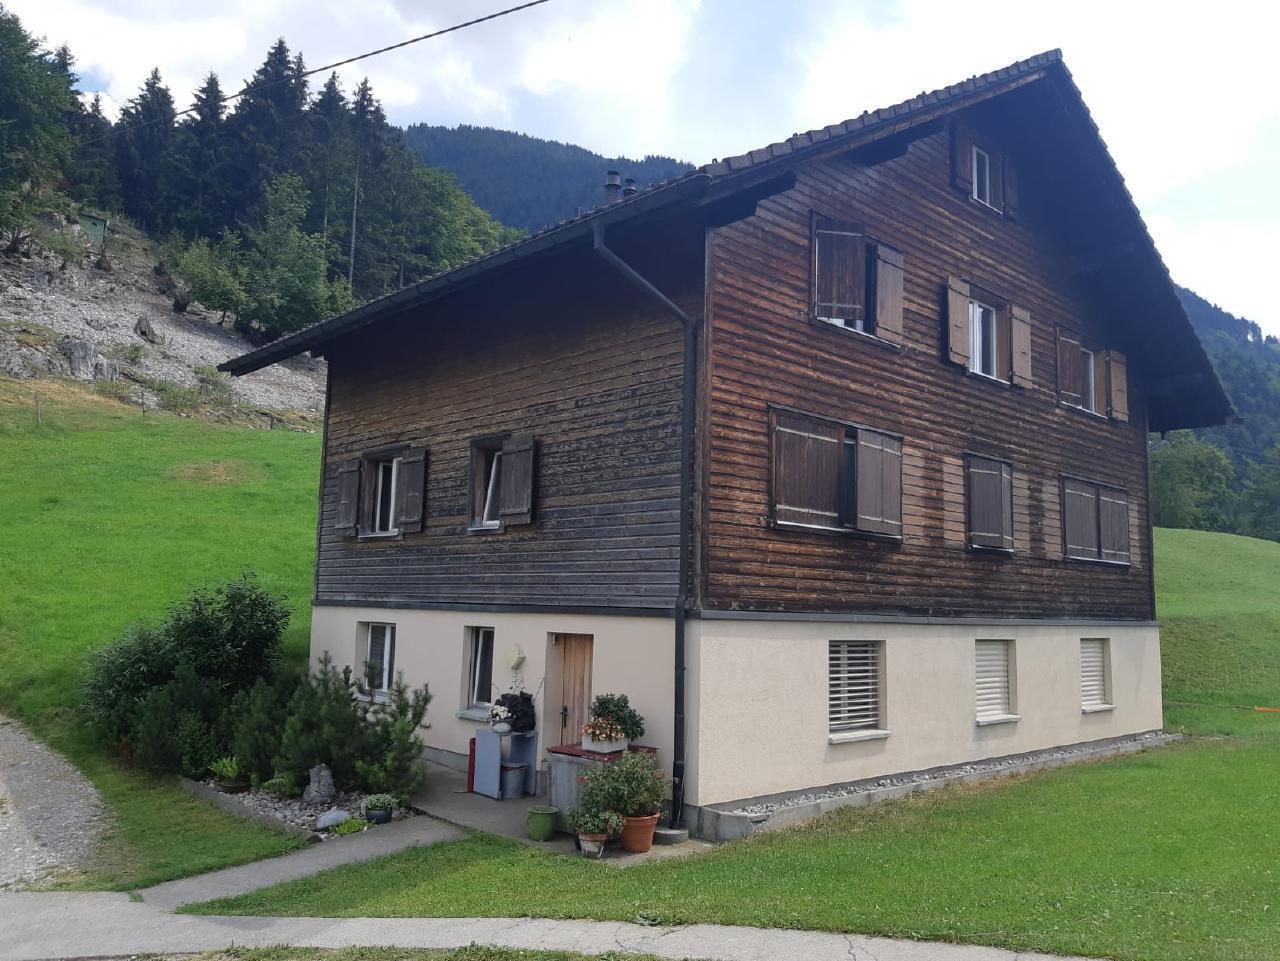 Ferienwohnung Oase im Engelbergertal zwischen Luzern & Engelberg (2792198), Wolfenschiessen, Nidwalden, Zentralschweiz, Schweiz, Bild 12